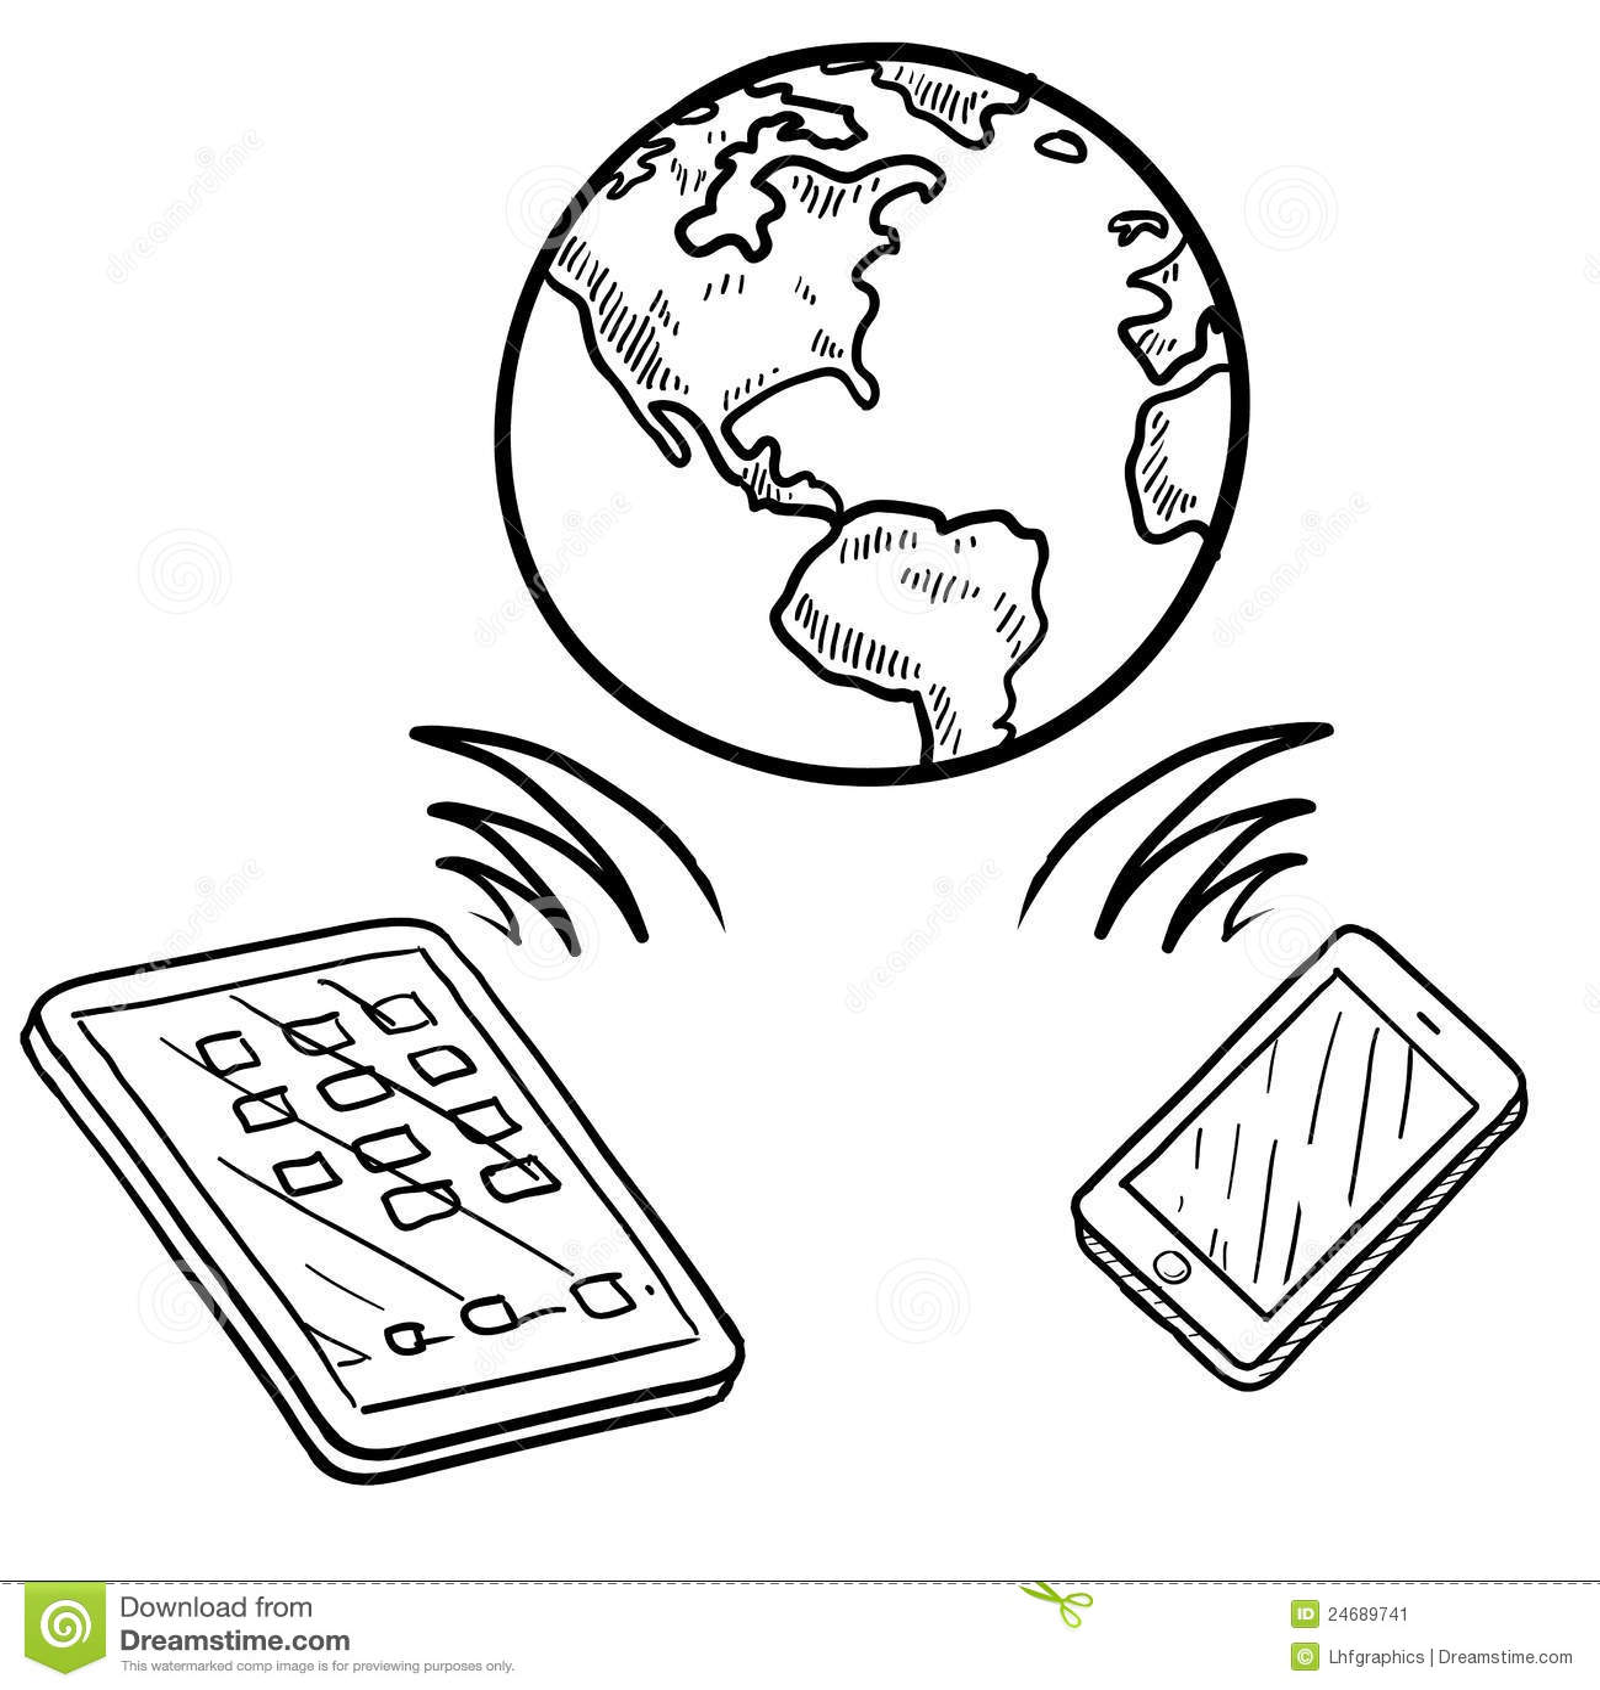 Globale Communicatie Schets Vector Illustratie